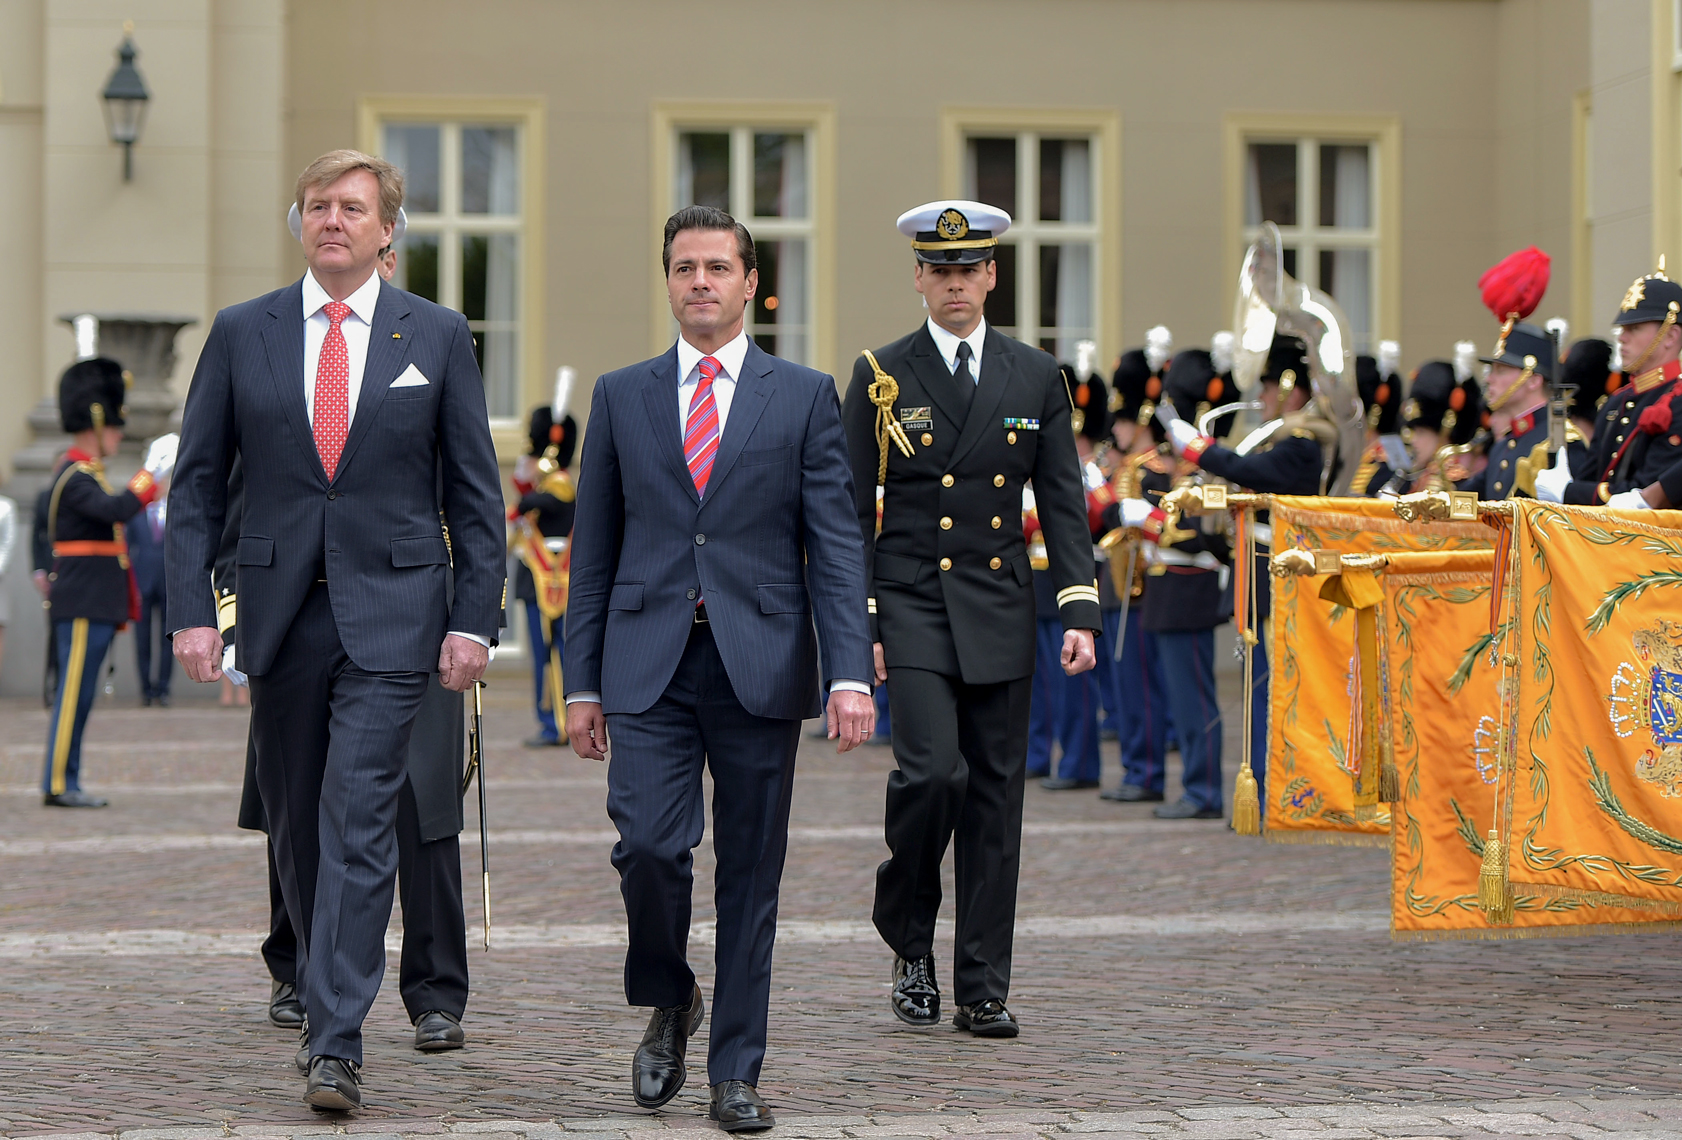 El Primer Mandatario sostuvo un encuentro con el Rey Willem-Alexander, acordaron fortalecer el diálogo político e identificar nuevas oportunidades de colaboración en manejo de recursos hídricos, cooperación energética, agricultura e infraestructura.